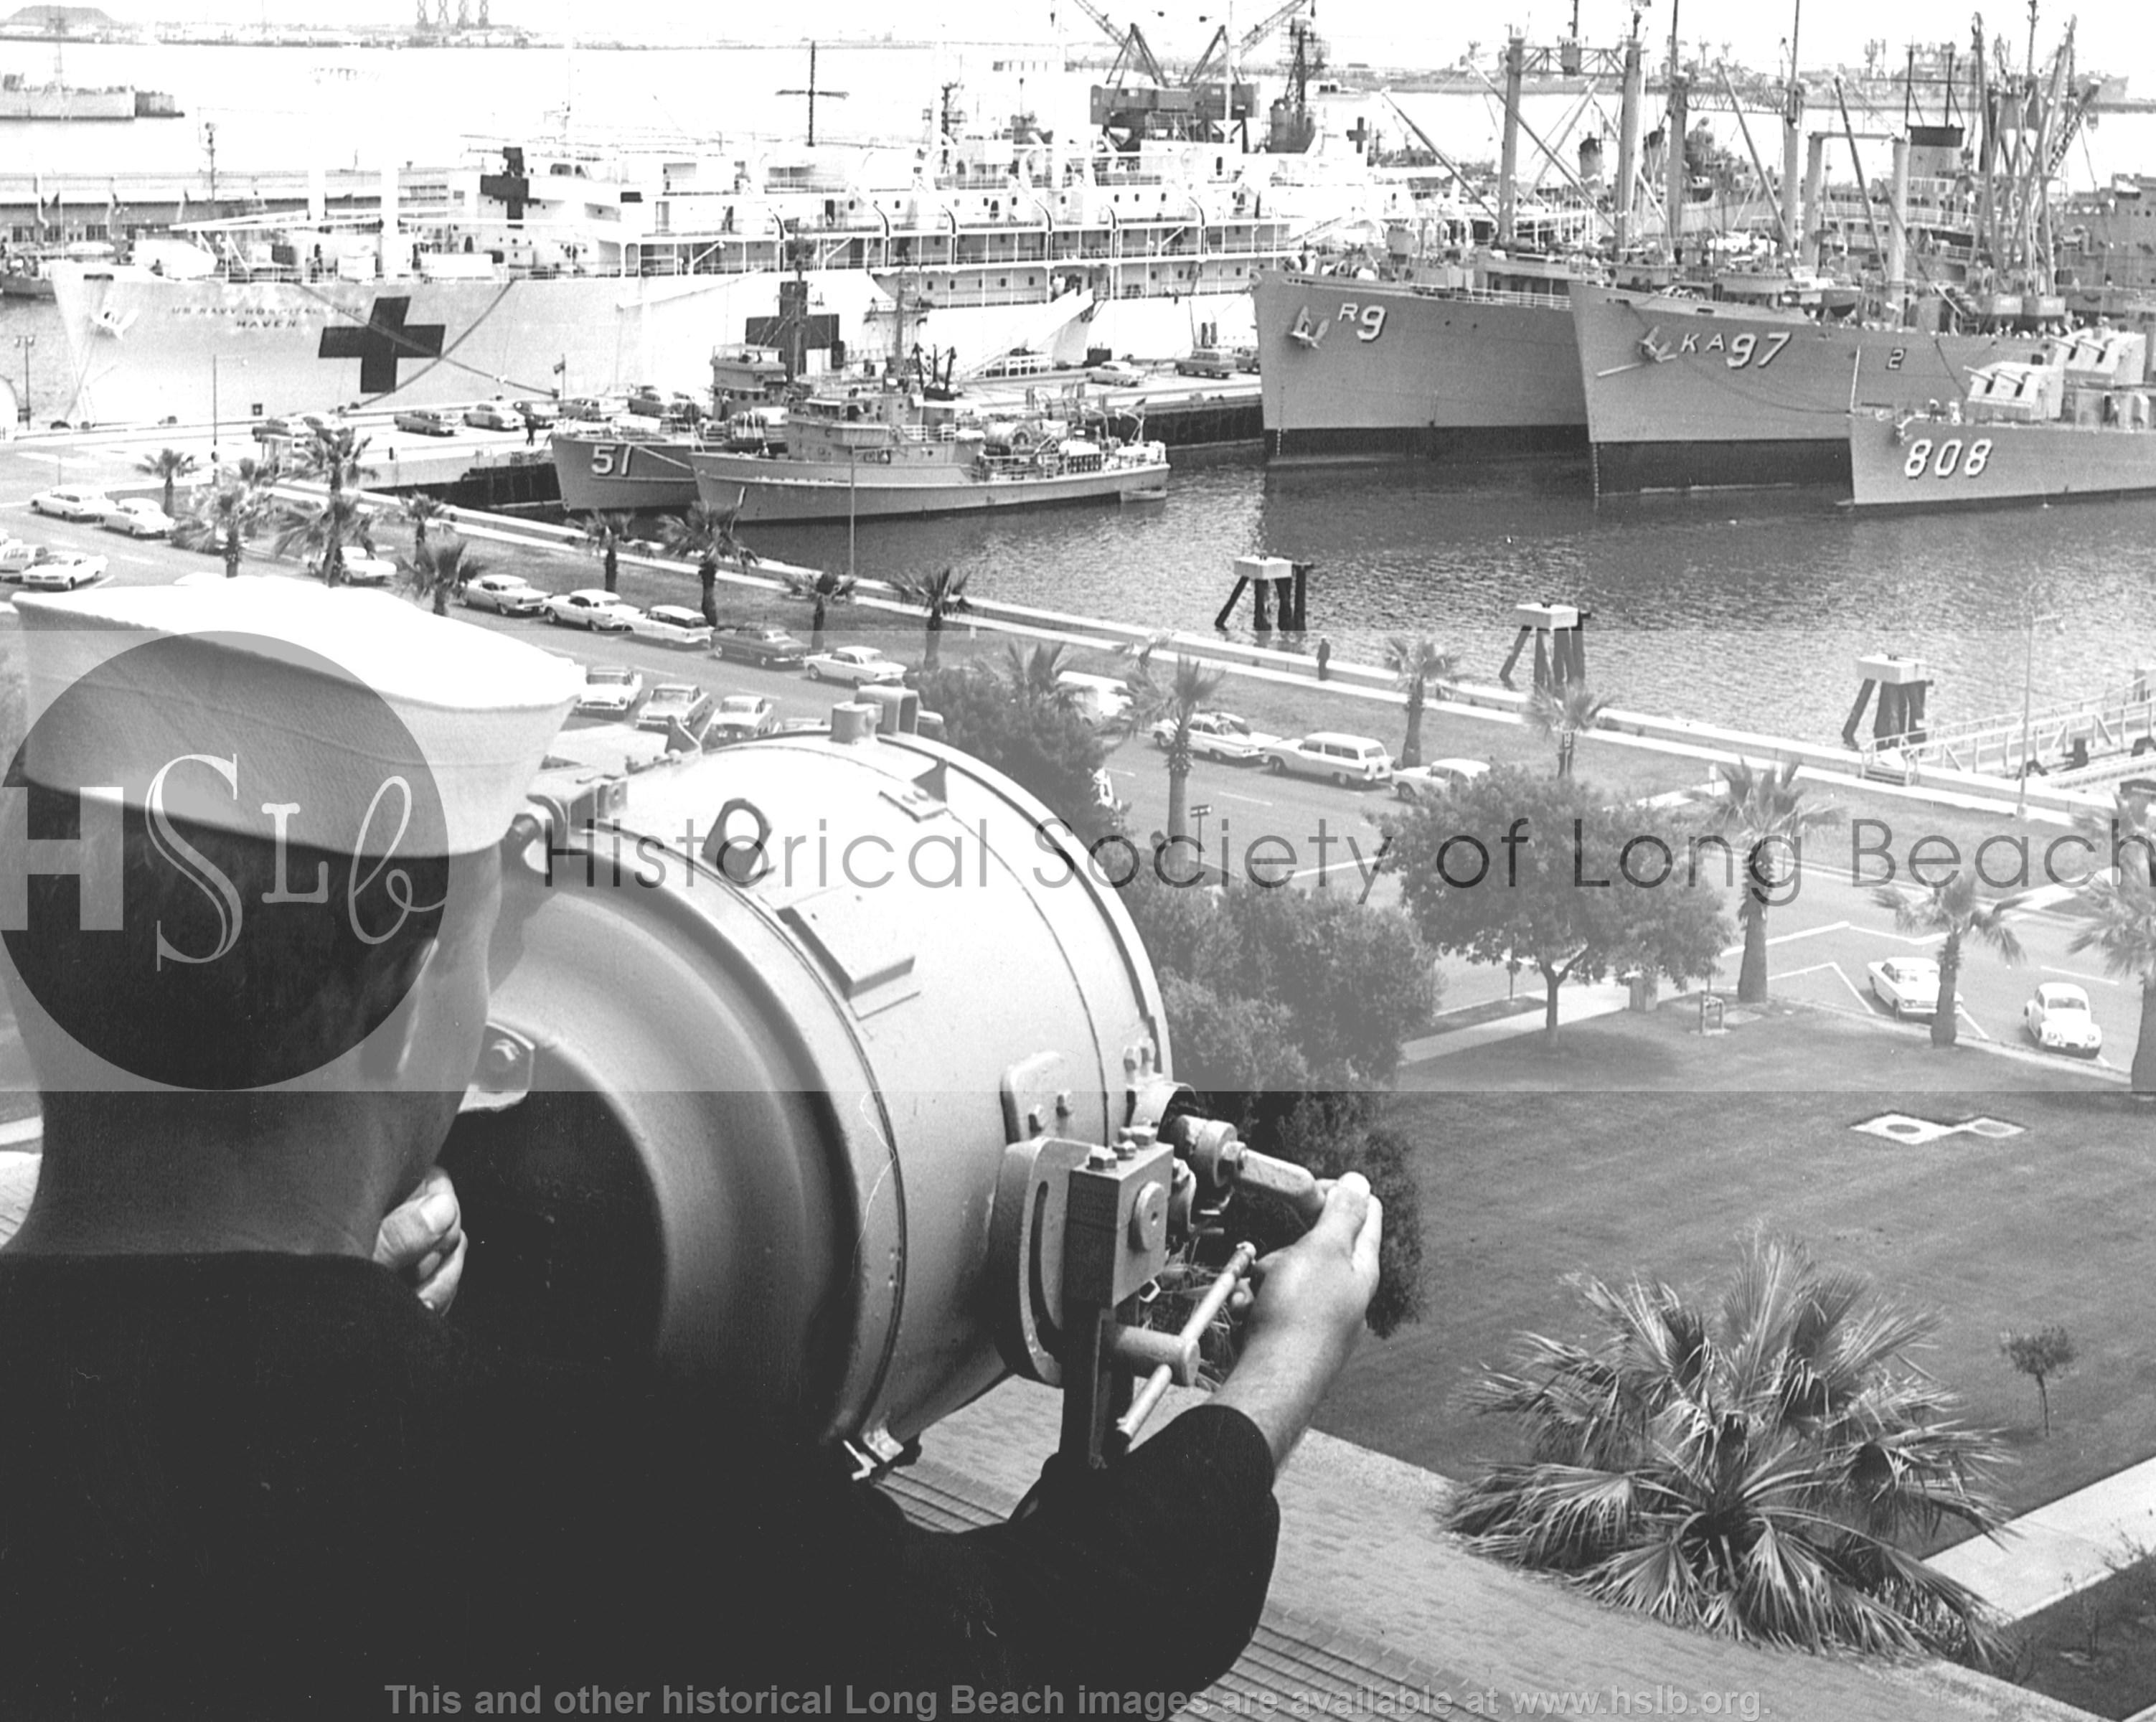 Navy harbor lookout, c. 1950s